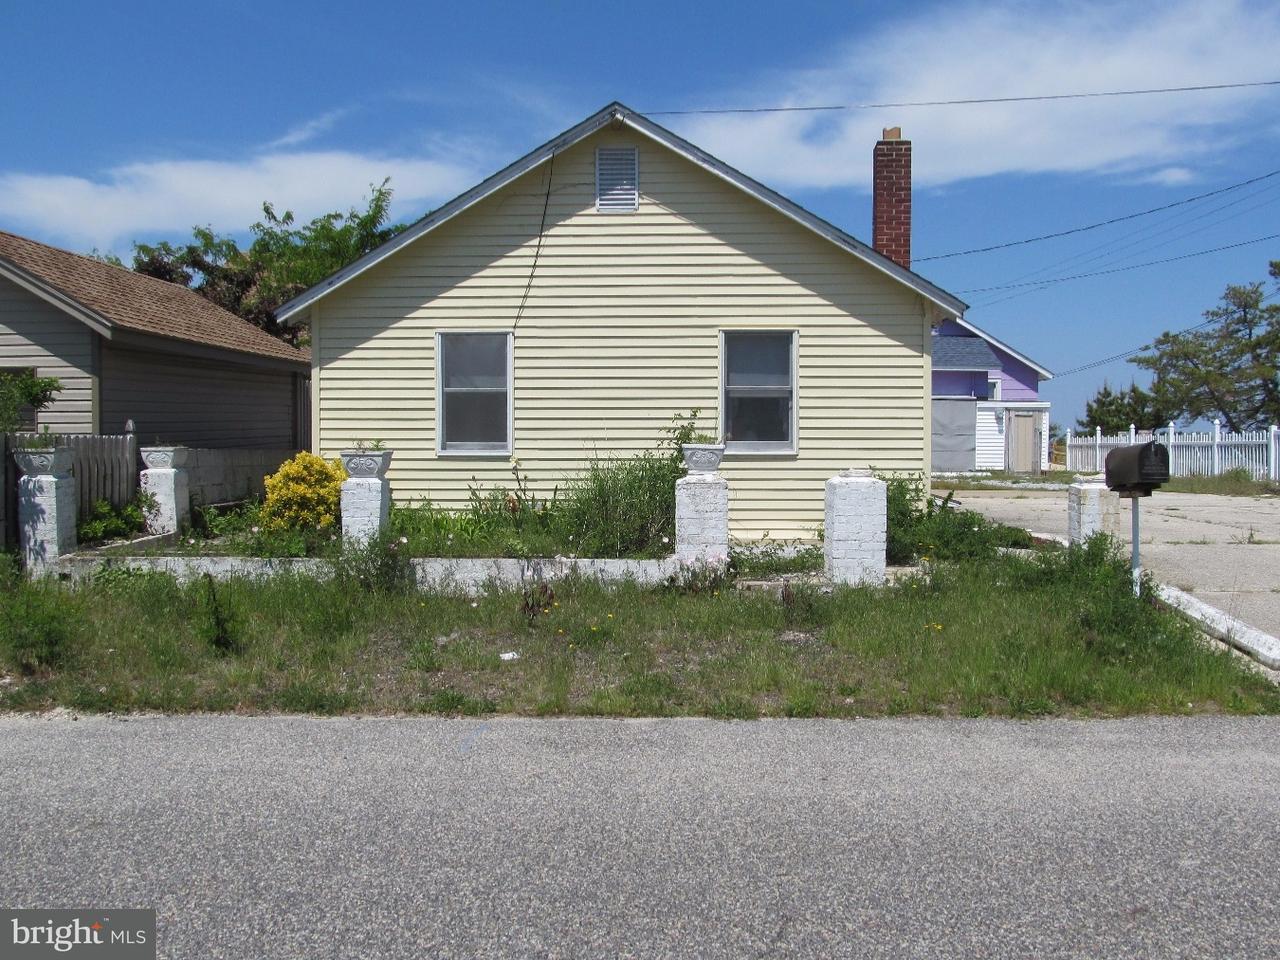 独户住宅 为 销售 在 200B MILLMAN LN #B 维拉斯, 新泽西州 08251 美国